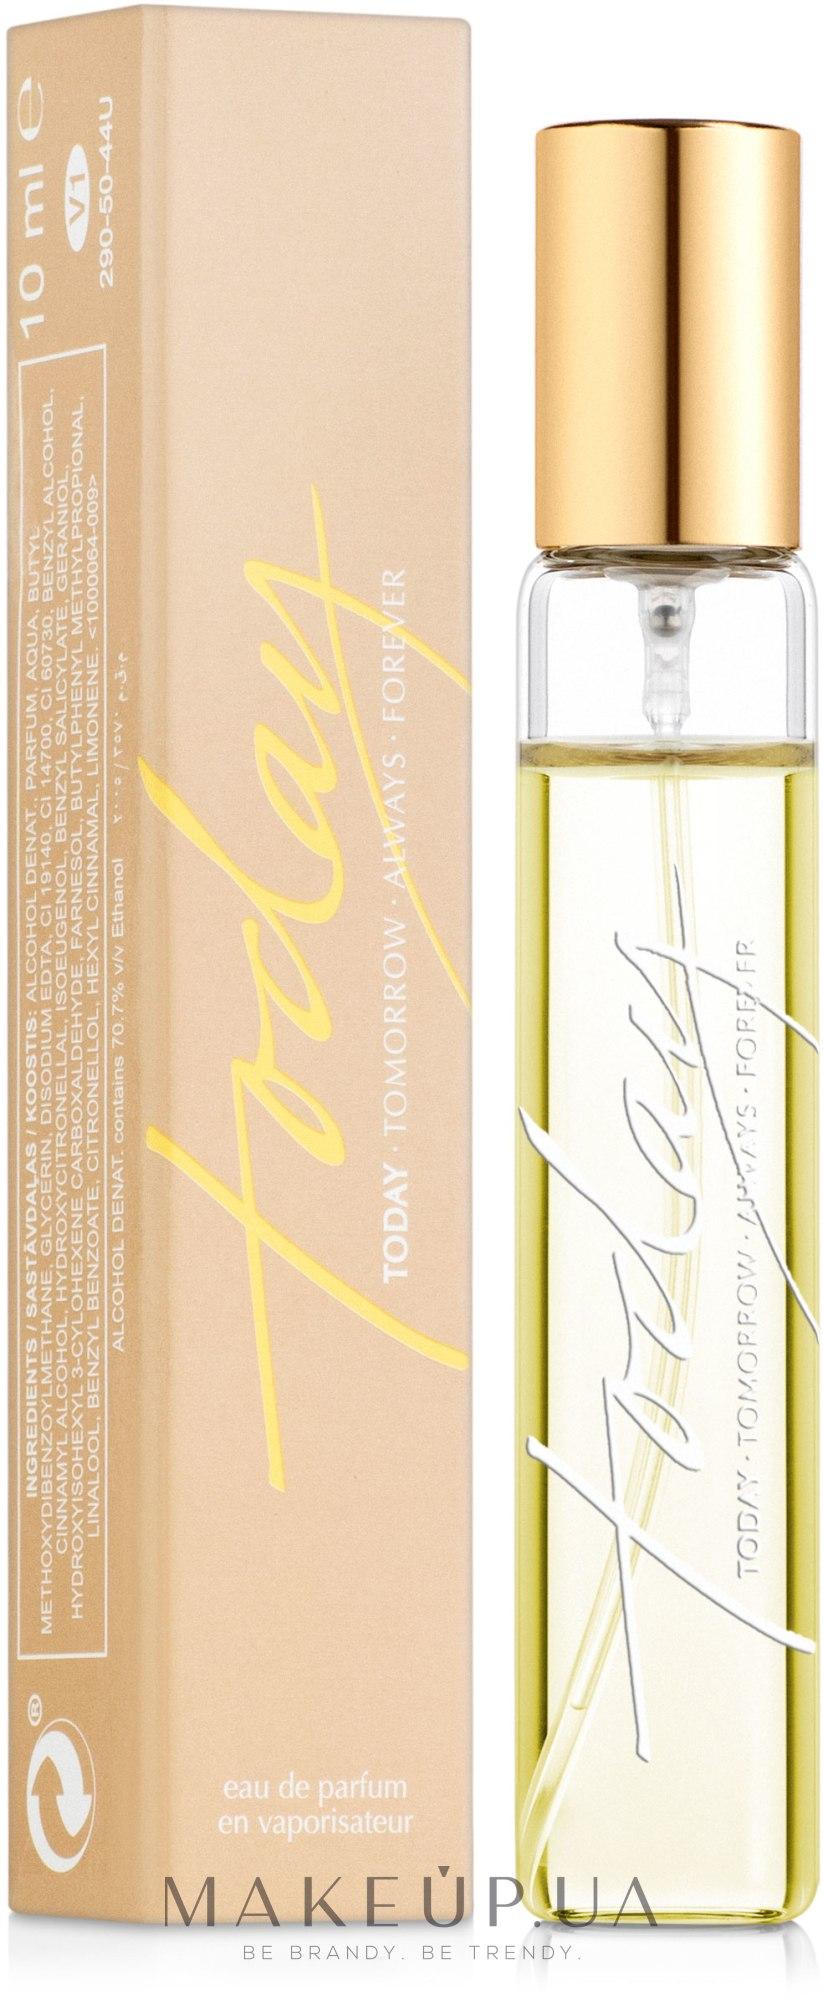 Makeup Avon Today парфюмированная вода мини купить по лучшей